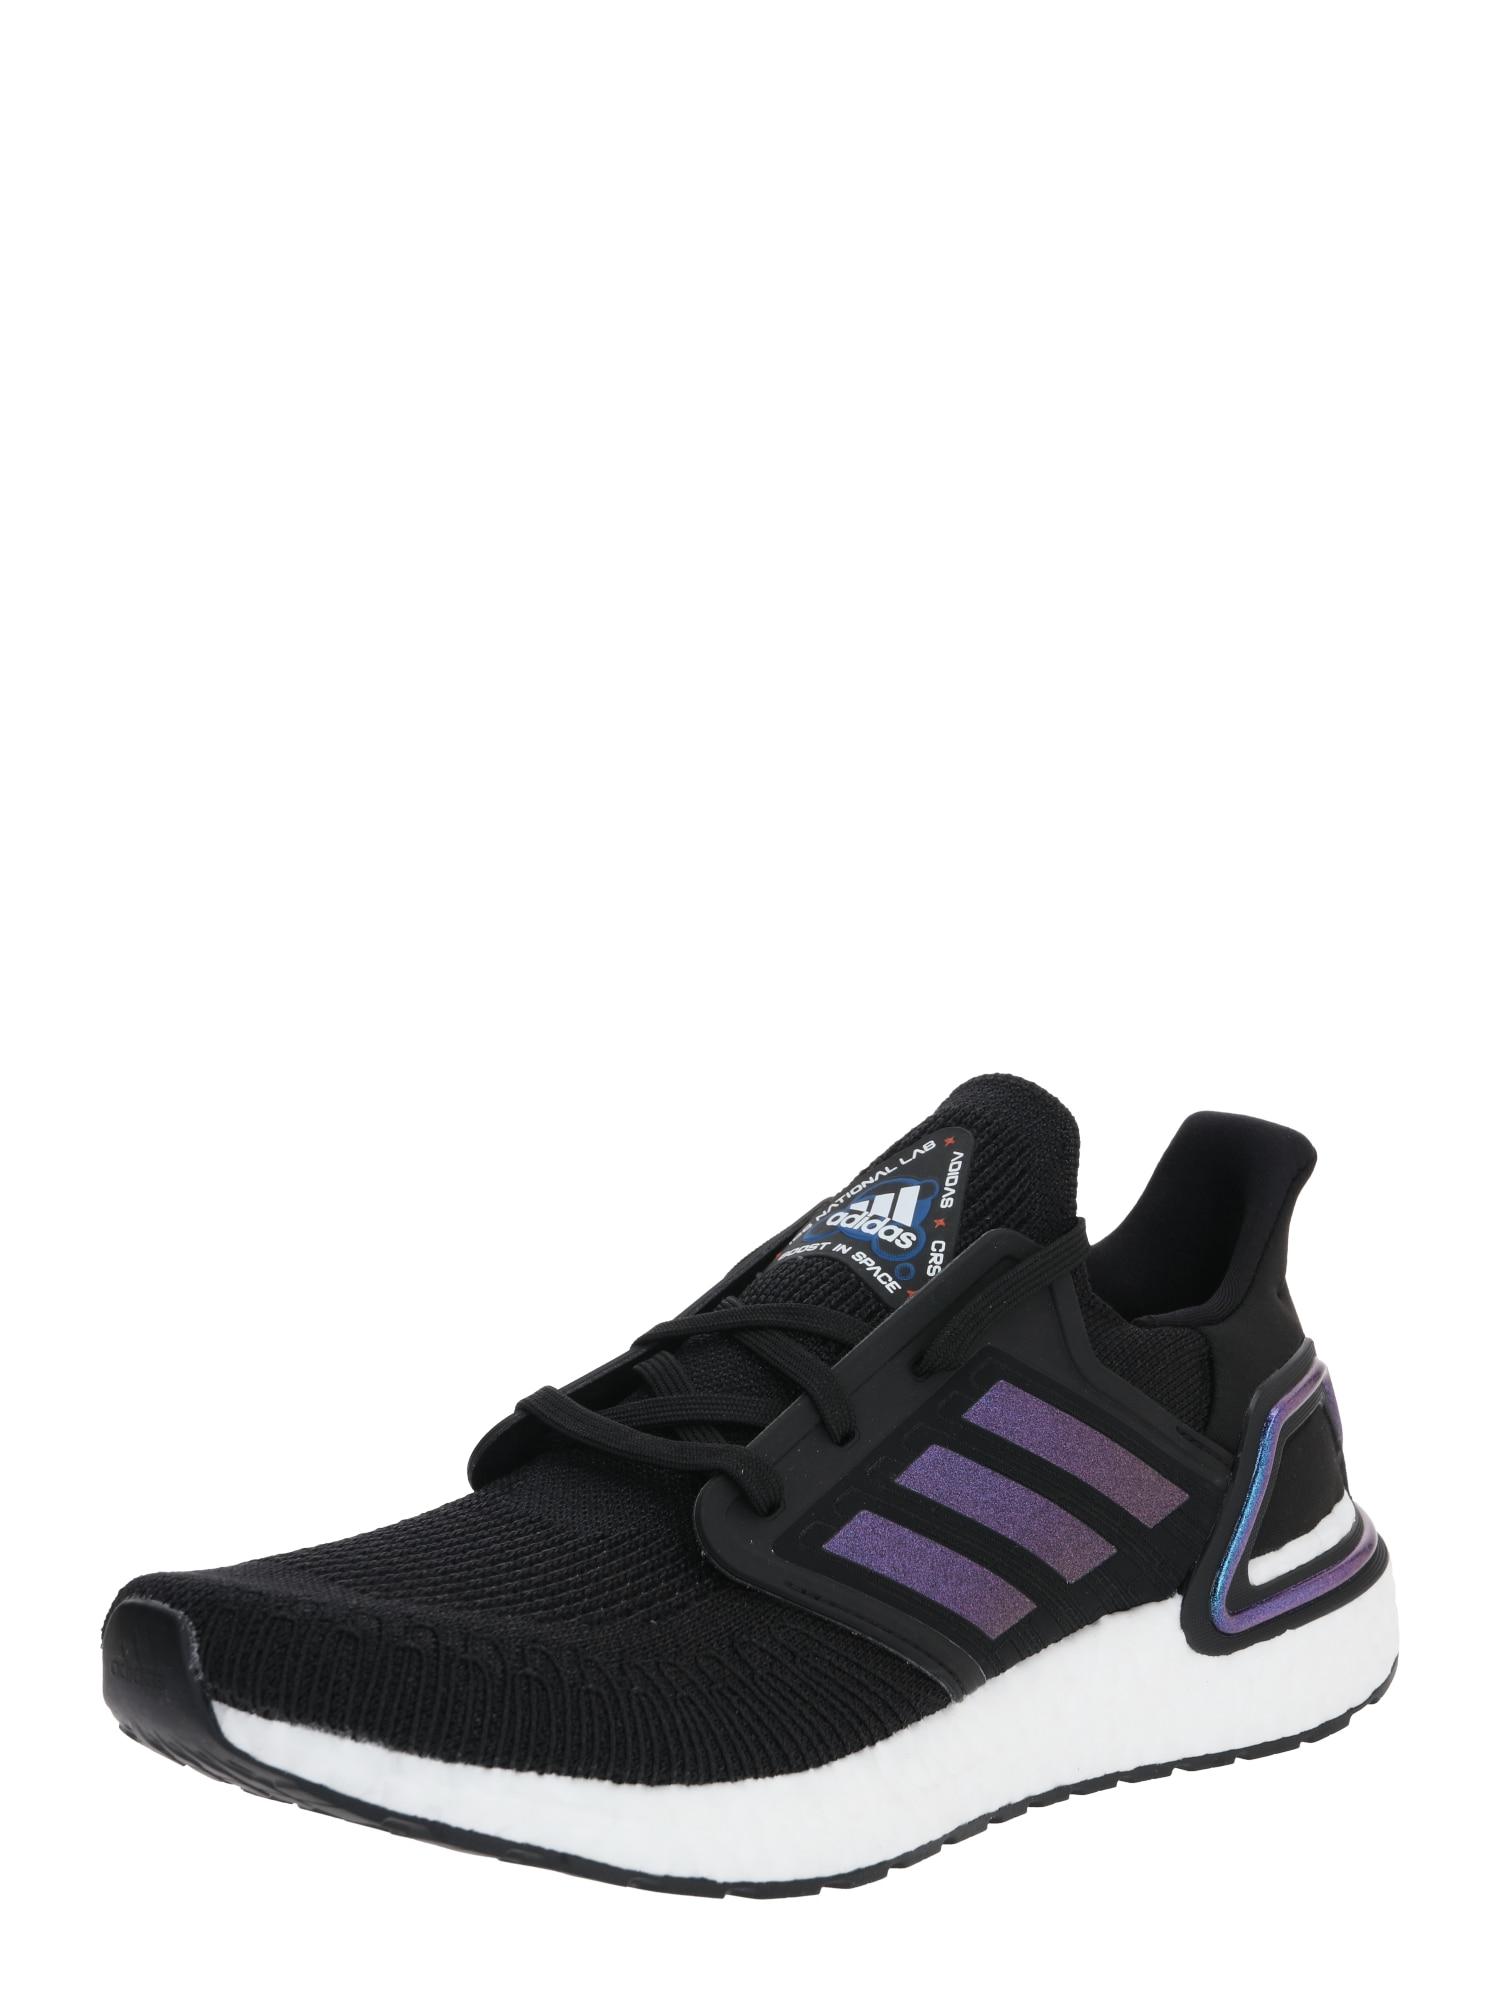 ADIDAS PERFORMANCE Bėgimo batai balta / mėlyna / juoda